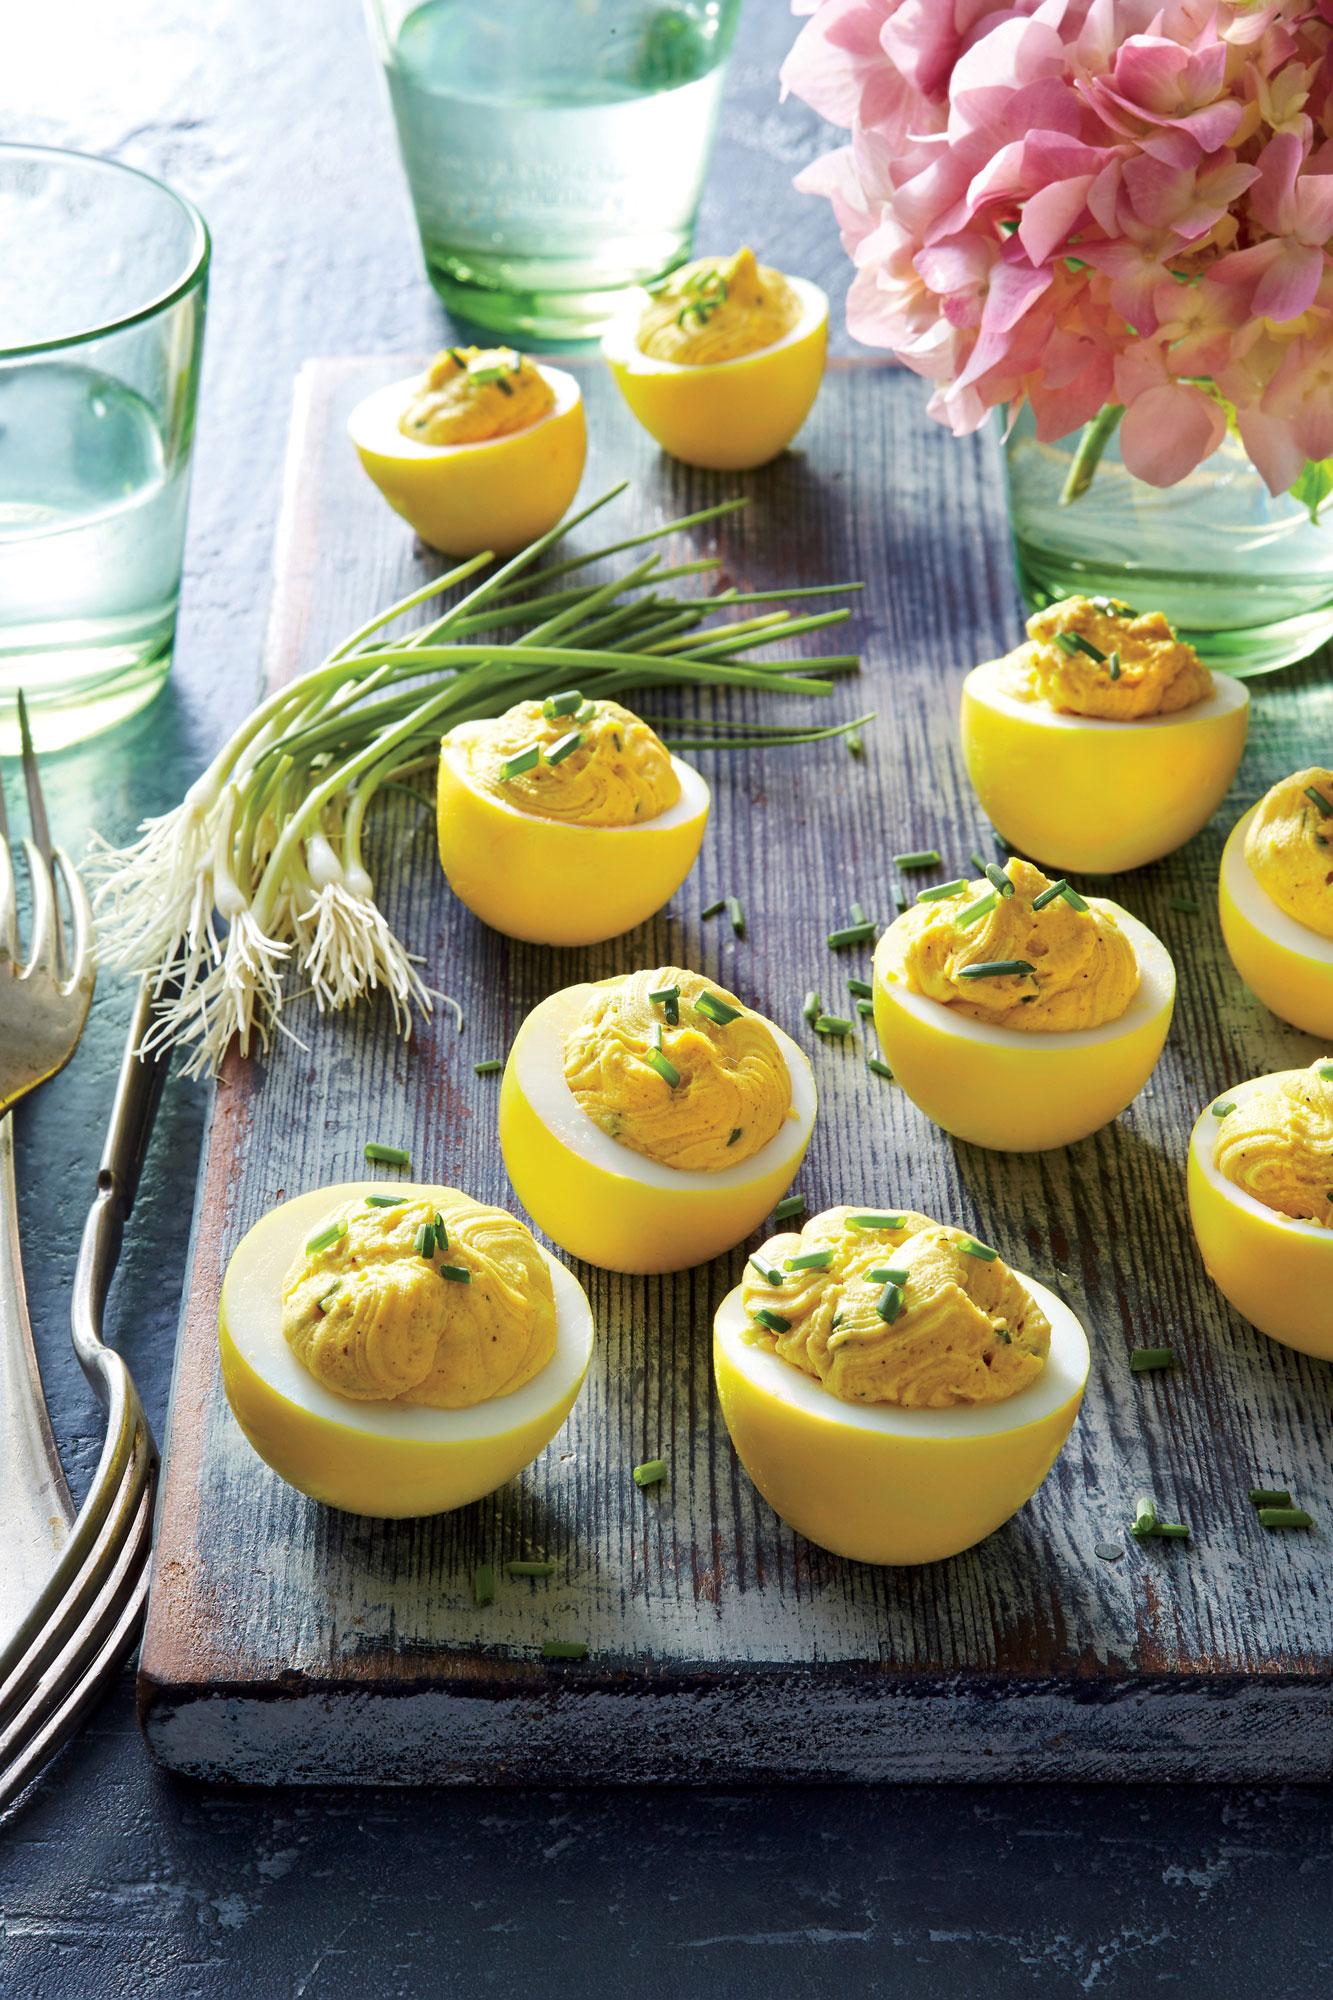 Turmeric-Pickled Deviled Eggs